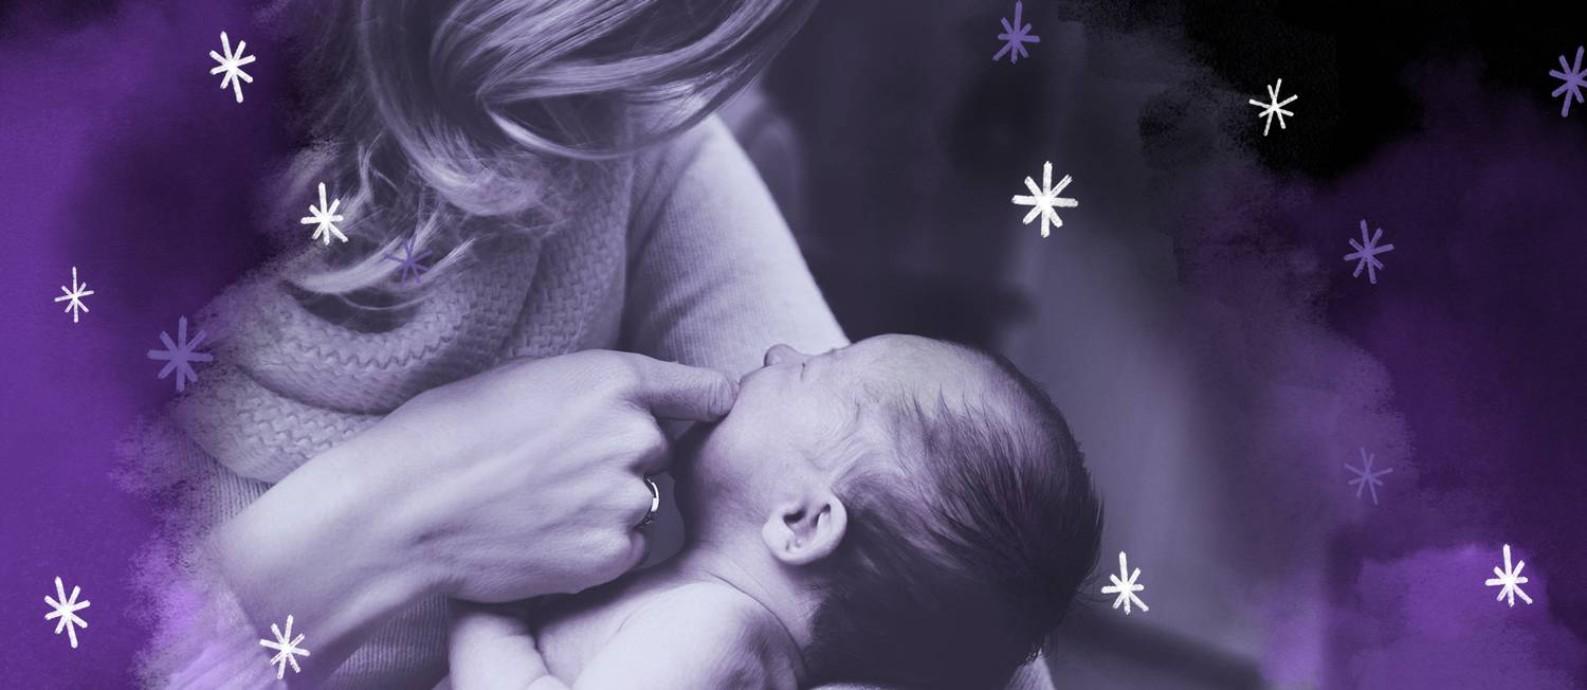 """""""As pessoas dizem que quando nasce um filho, nasce uma mãe. Mas a mãe é construída com o tempo"""" Foto: Arte de Ana Luiza Costa sobre foto do Pixabay"""